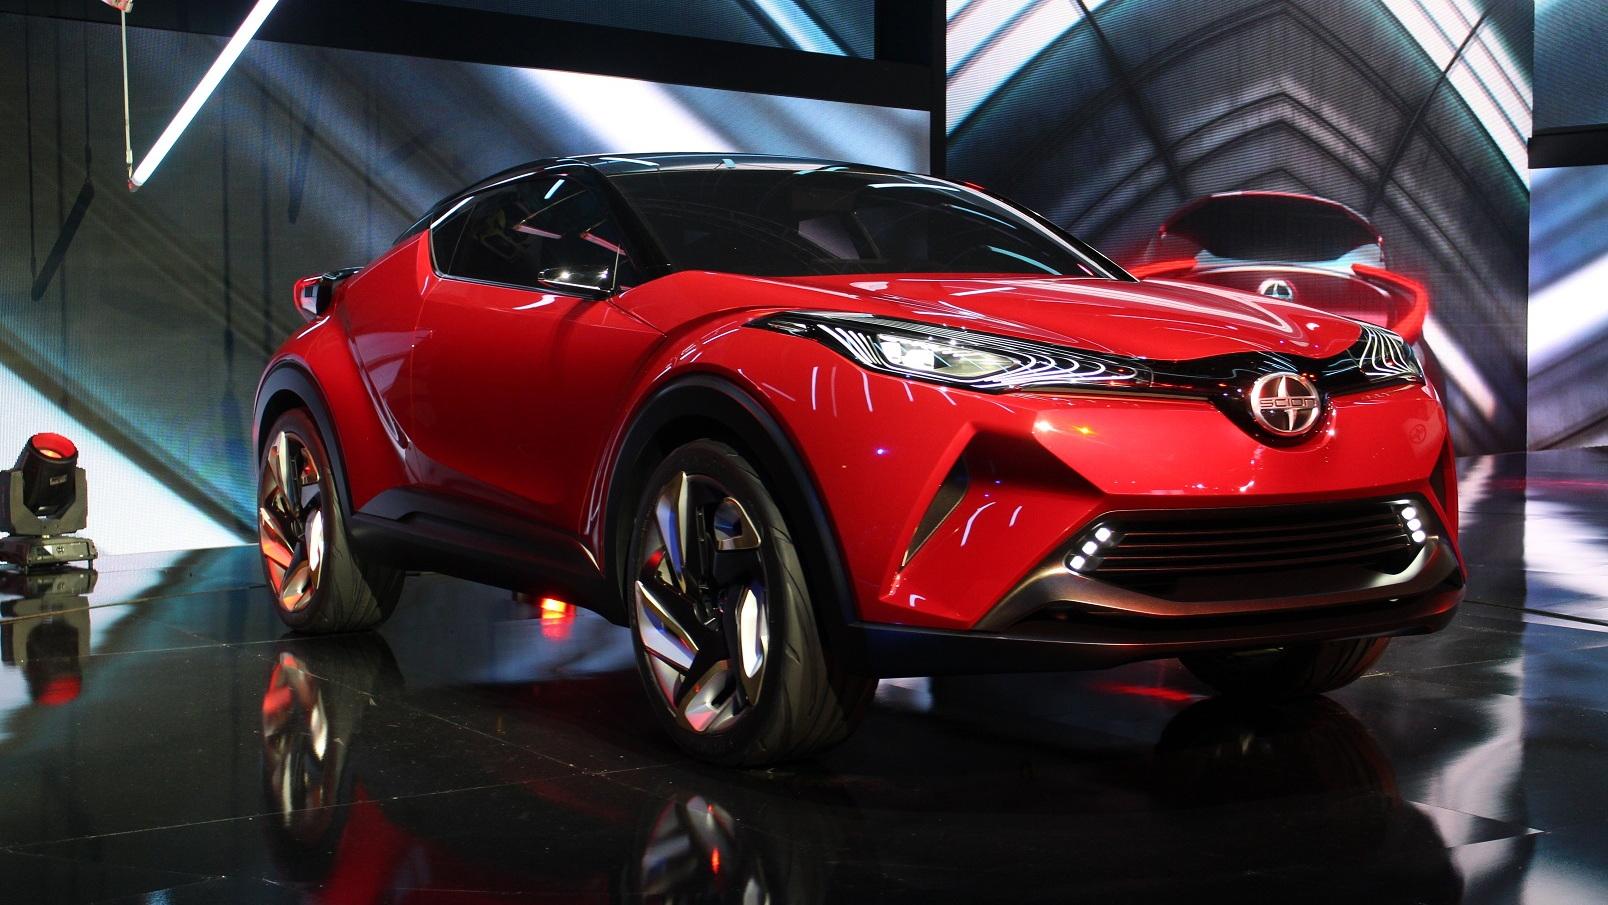 H R Auto >> Scion C Hr Concept Live Photos From Los Angeles Auto Show